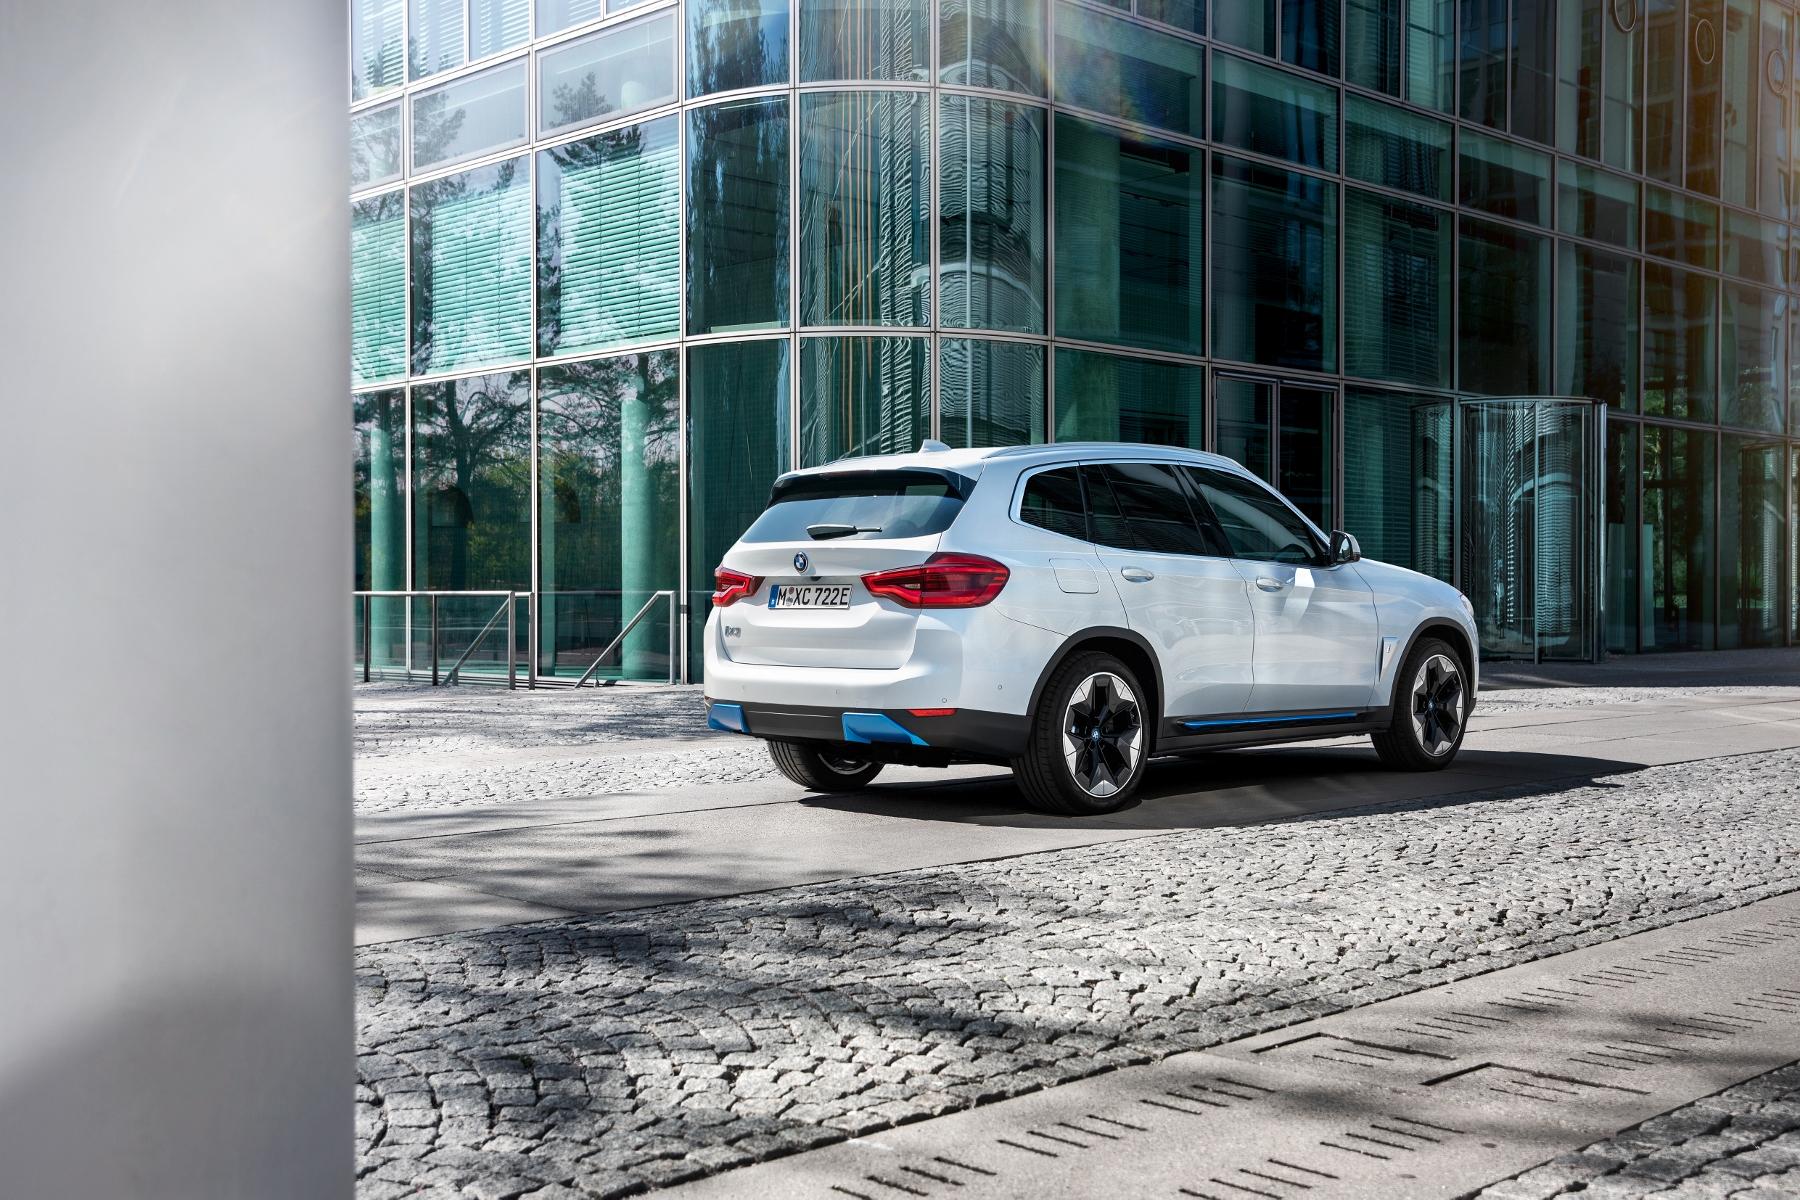 BMW ukázalo elektrické SUV iX3 s dojazdom 459 km yX3pho5Bh0 bmw-ix3-12